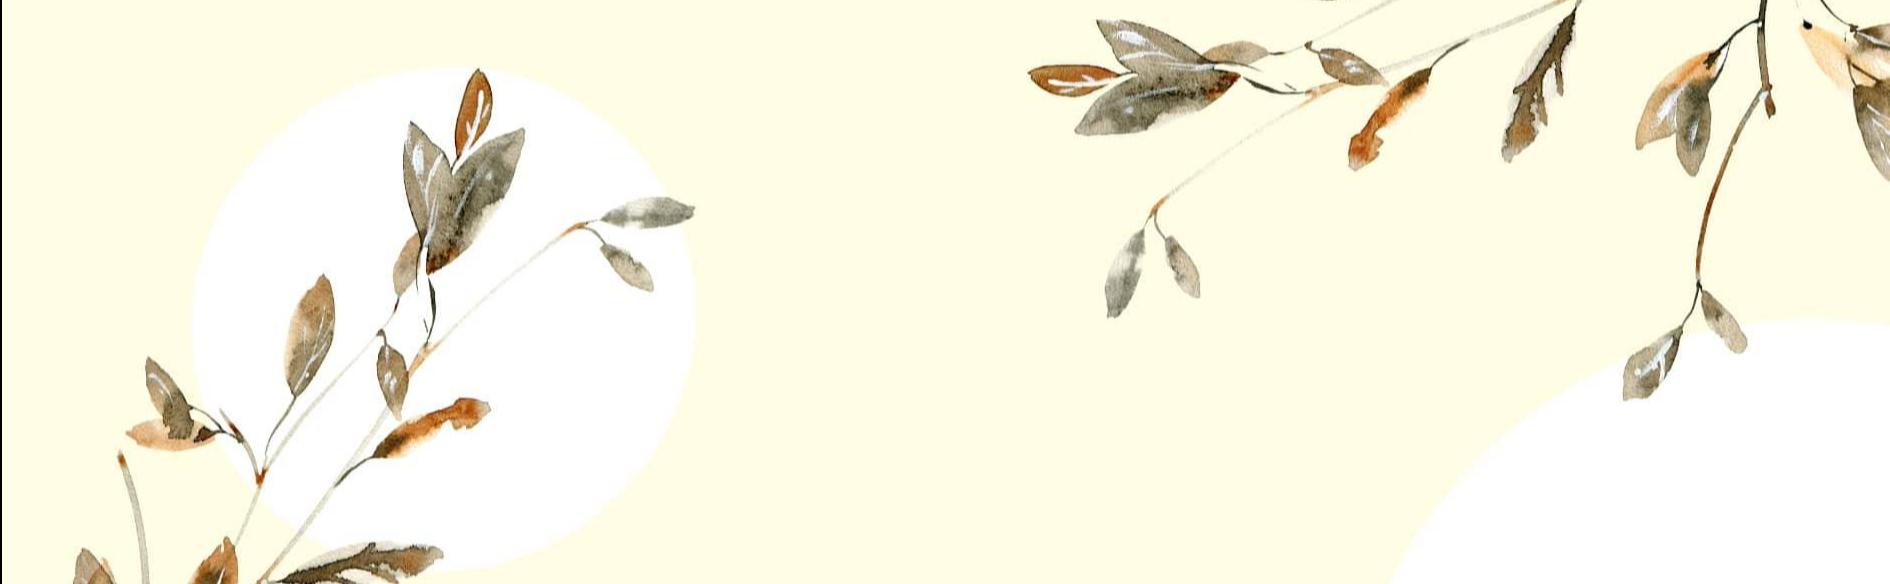 Matcha Karu Banner mit Blättern darauf